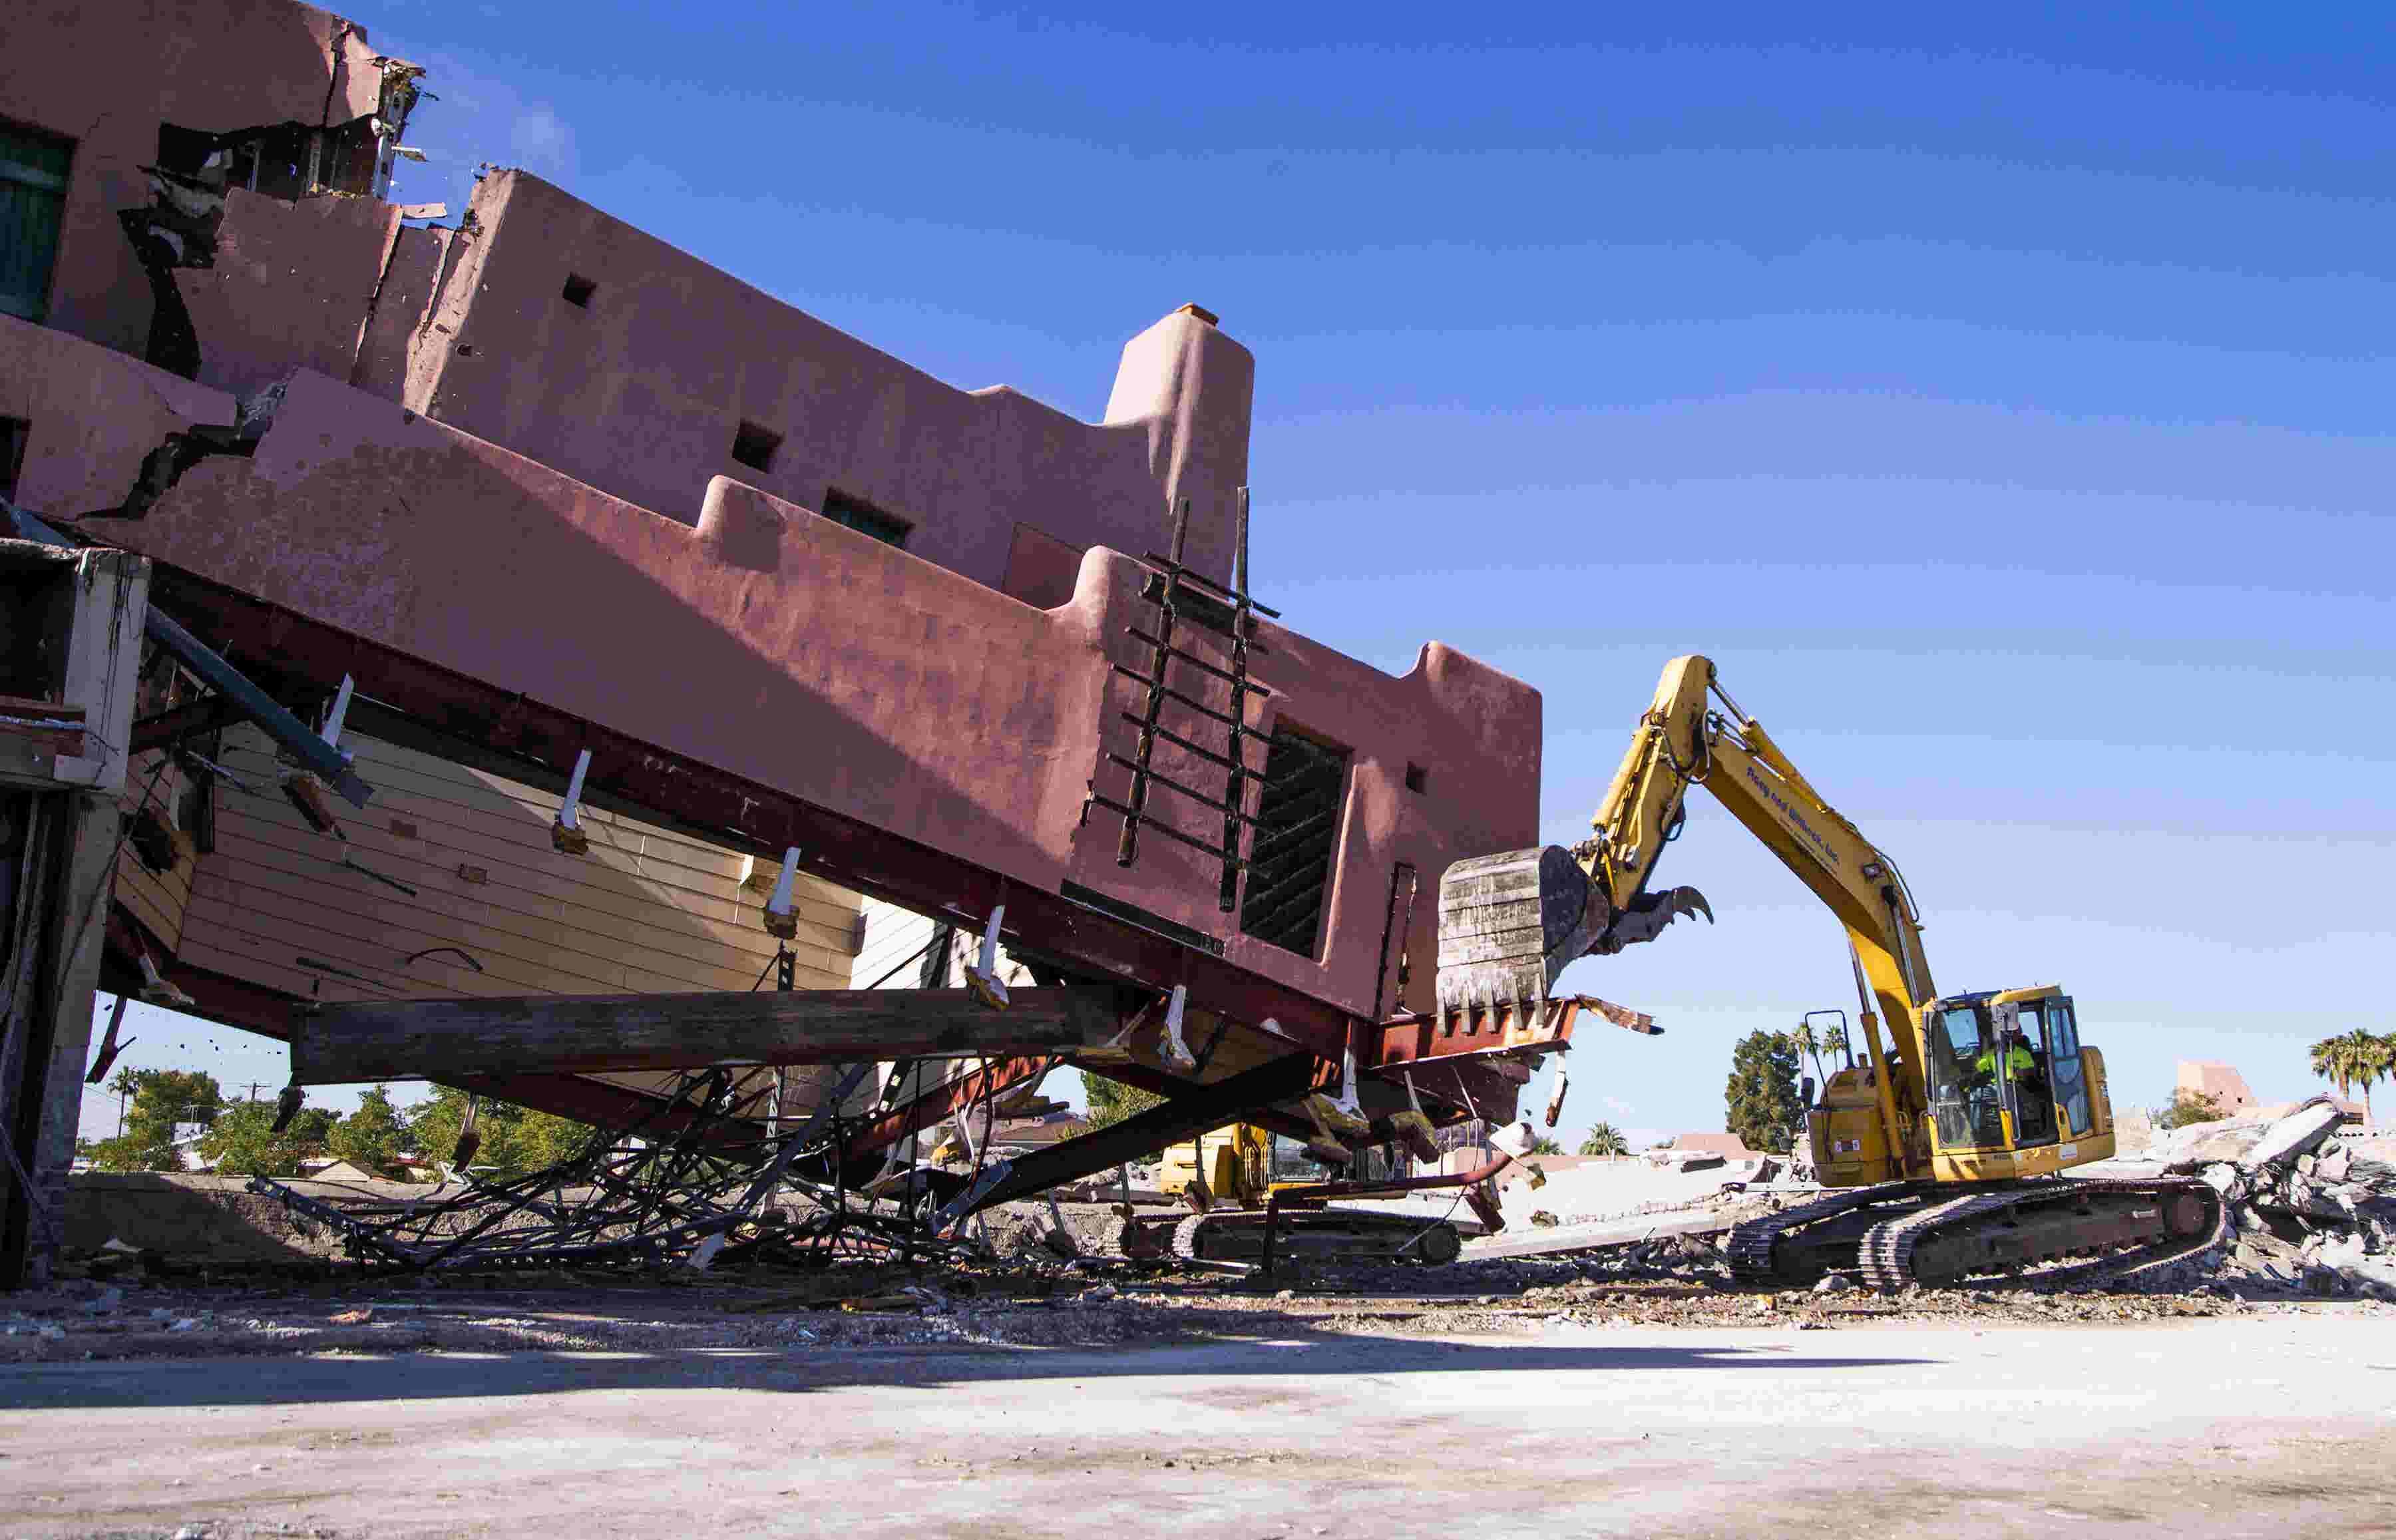 Iconic Scottsdale shopping center Papago Plaza demolished